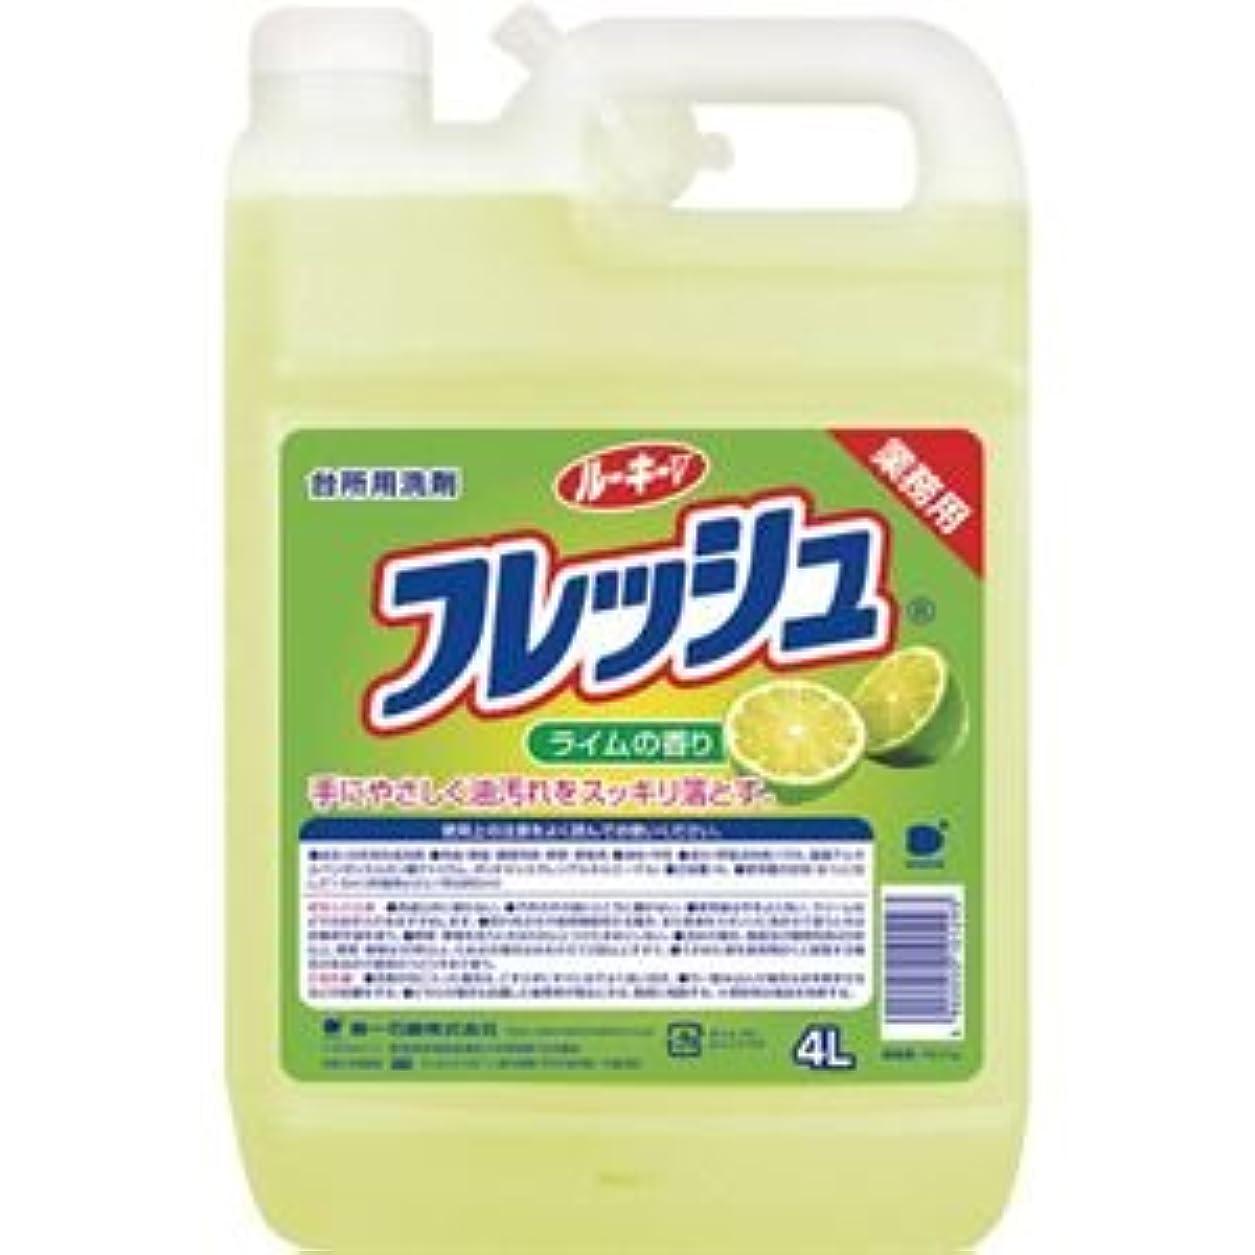 恥ずかしさ空白二度(まとめ) 第一石鹸 ルーキーVフレッシュ 業務用 4L 1本 【×5セット】